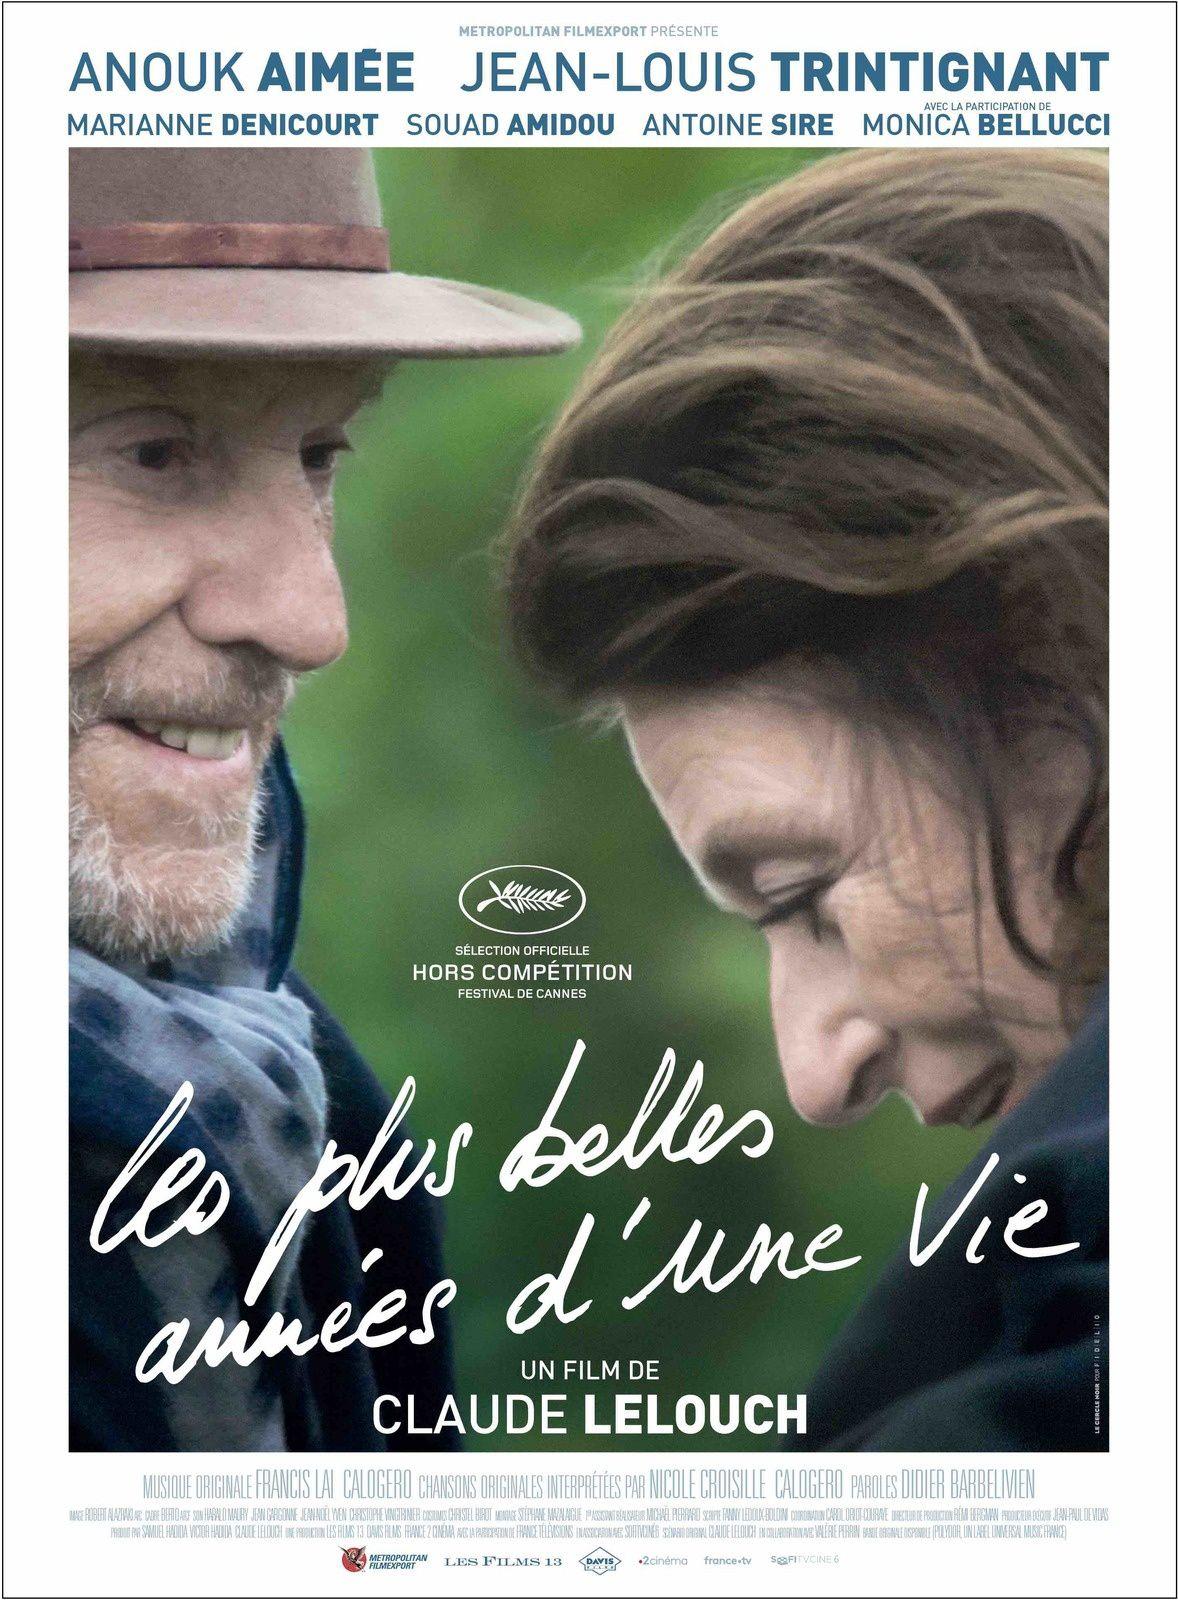 Dans les salles dès ce mercredi : Les plus belles années d'une vie, avec Jean-Louis Trintignant et Anouk Aimée.